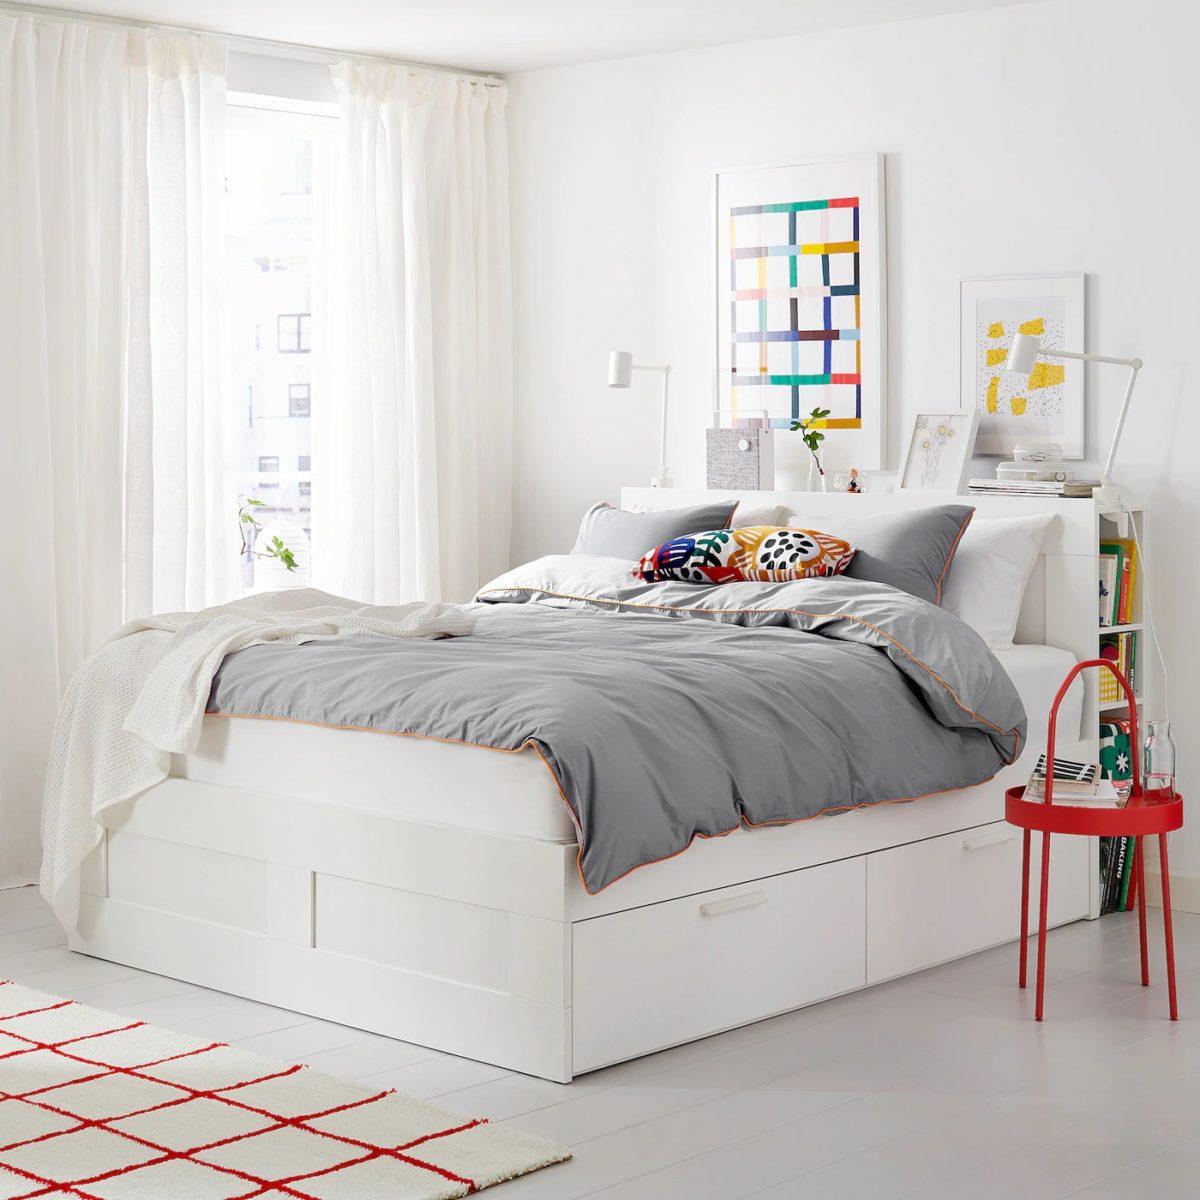 Ikea Family Catalogo Camere Da Letto Ikea 2019.Ikea Catalogo 2020 Ecco Tutti I Prodotti Scontati Per Un Anno